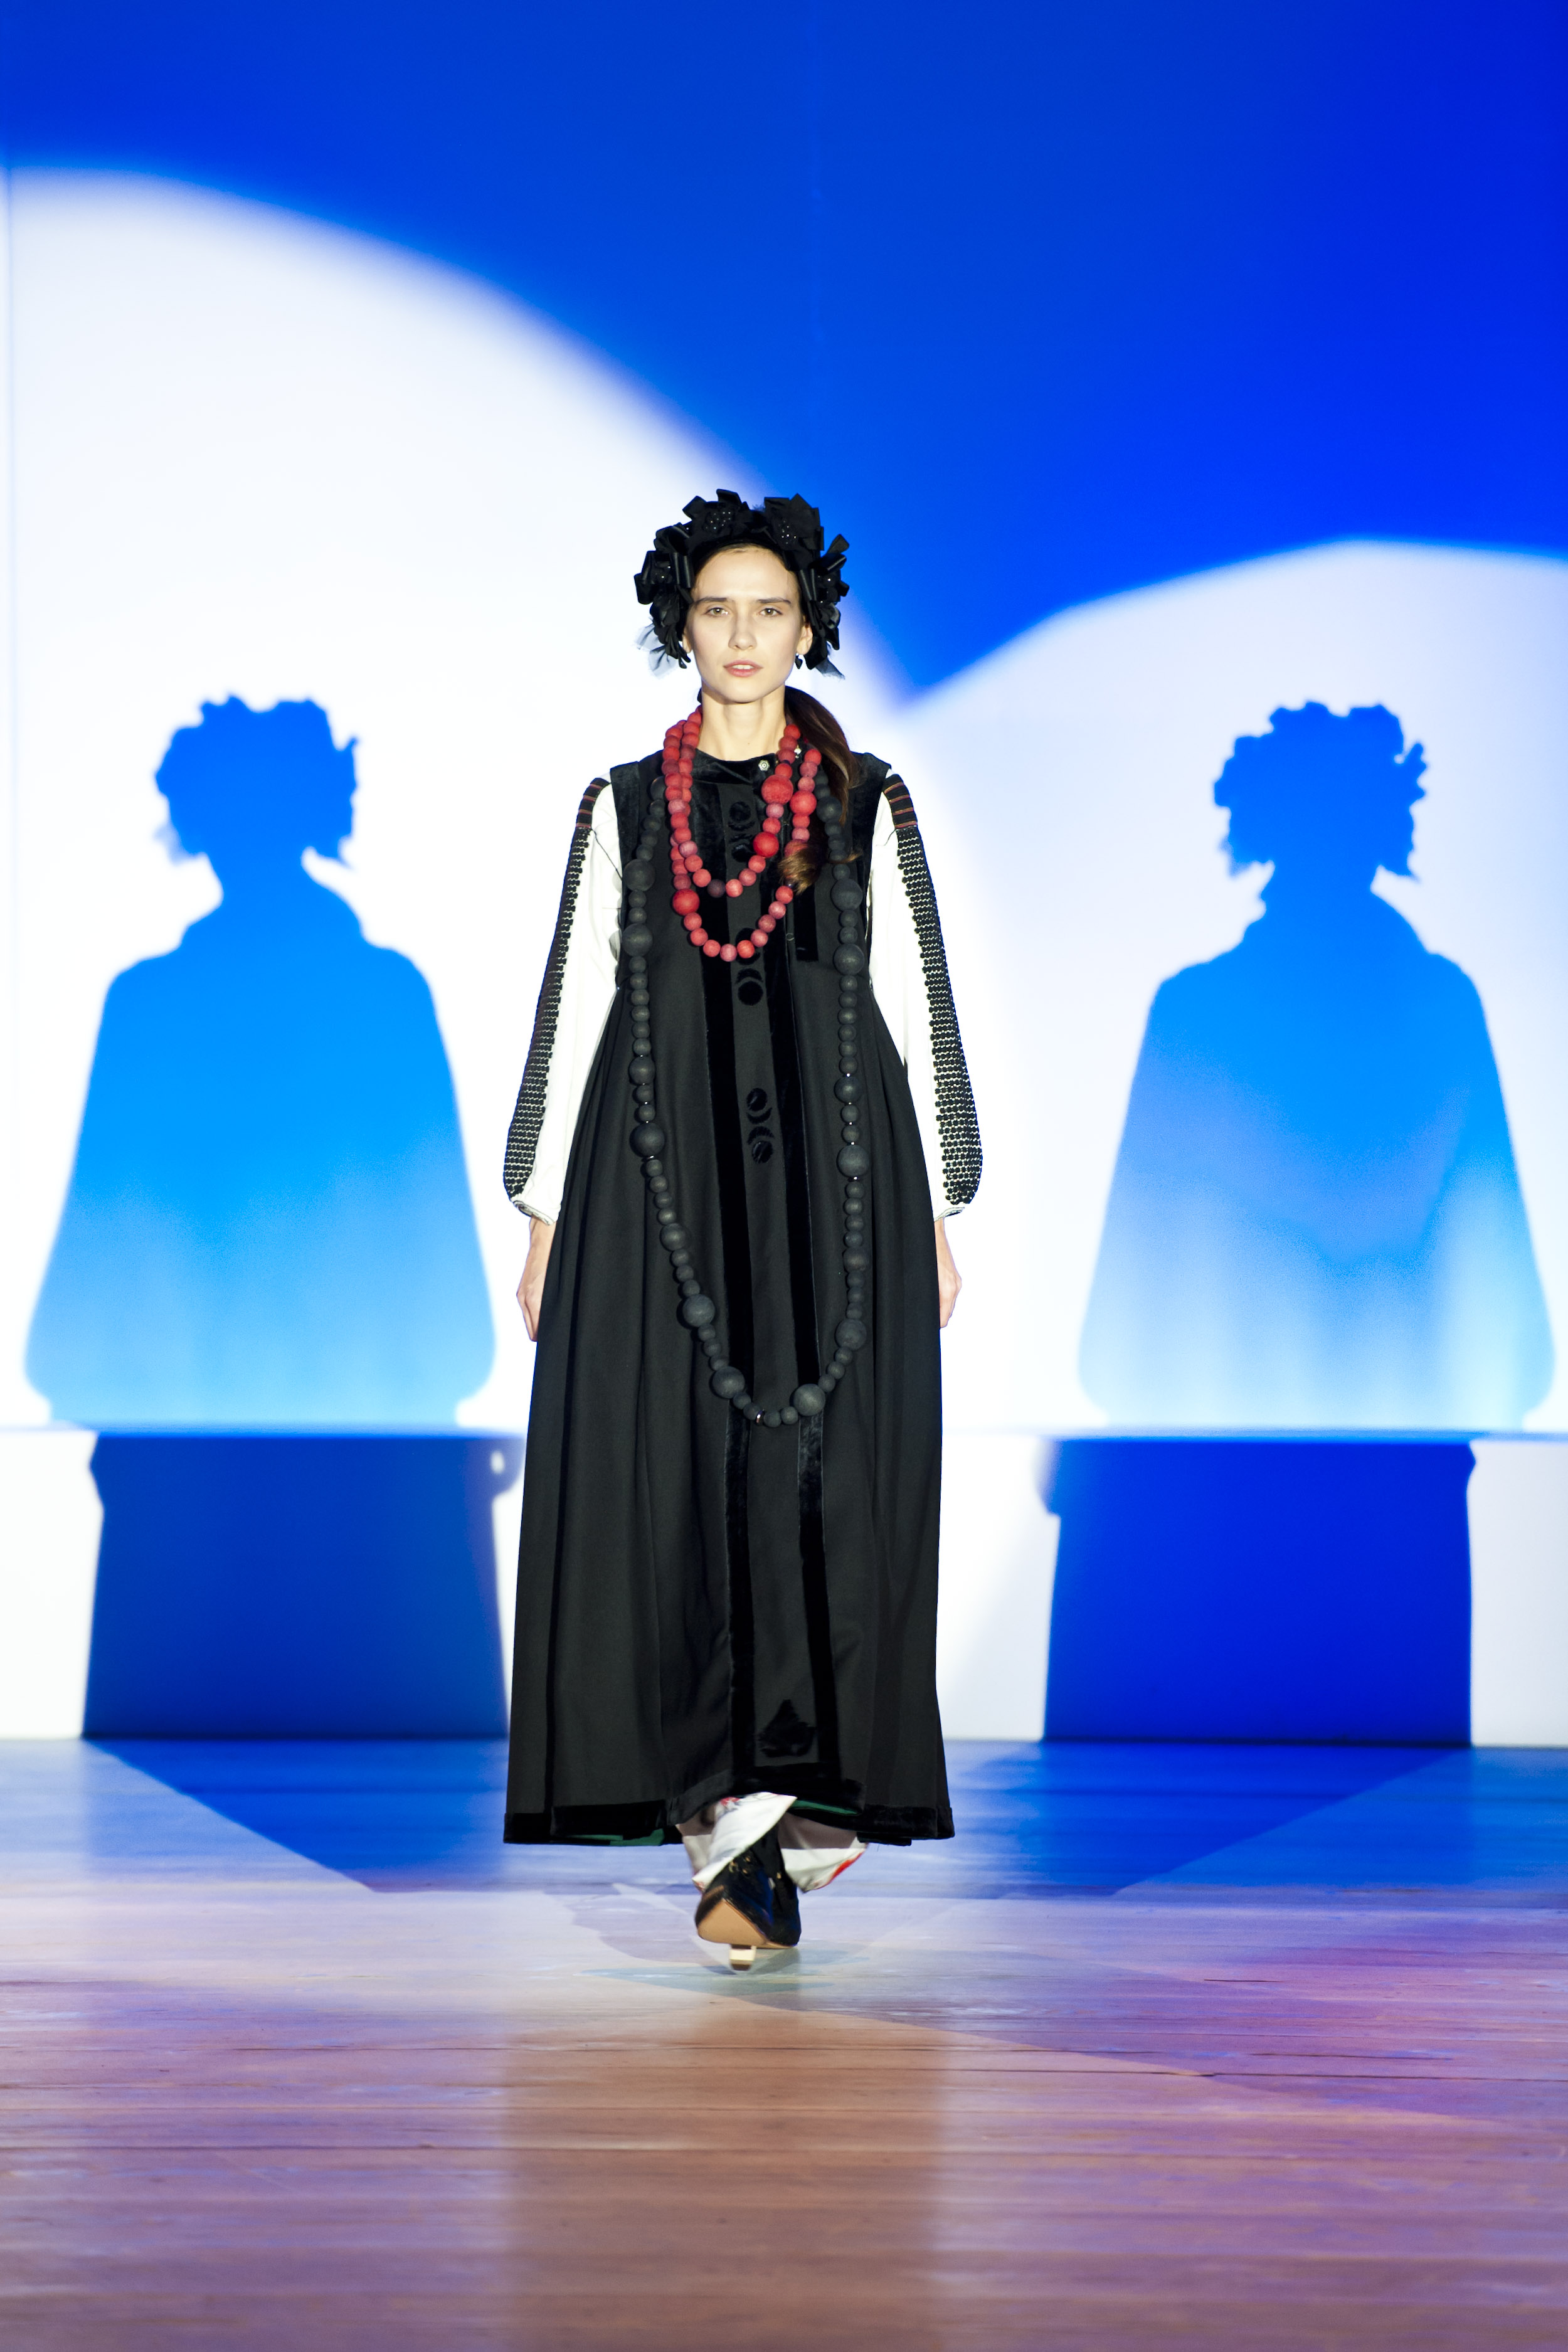 Показ закрывал выход модели в стилизованном национальном наряде, созданном Зинаидой Лихачевой